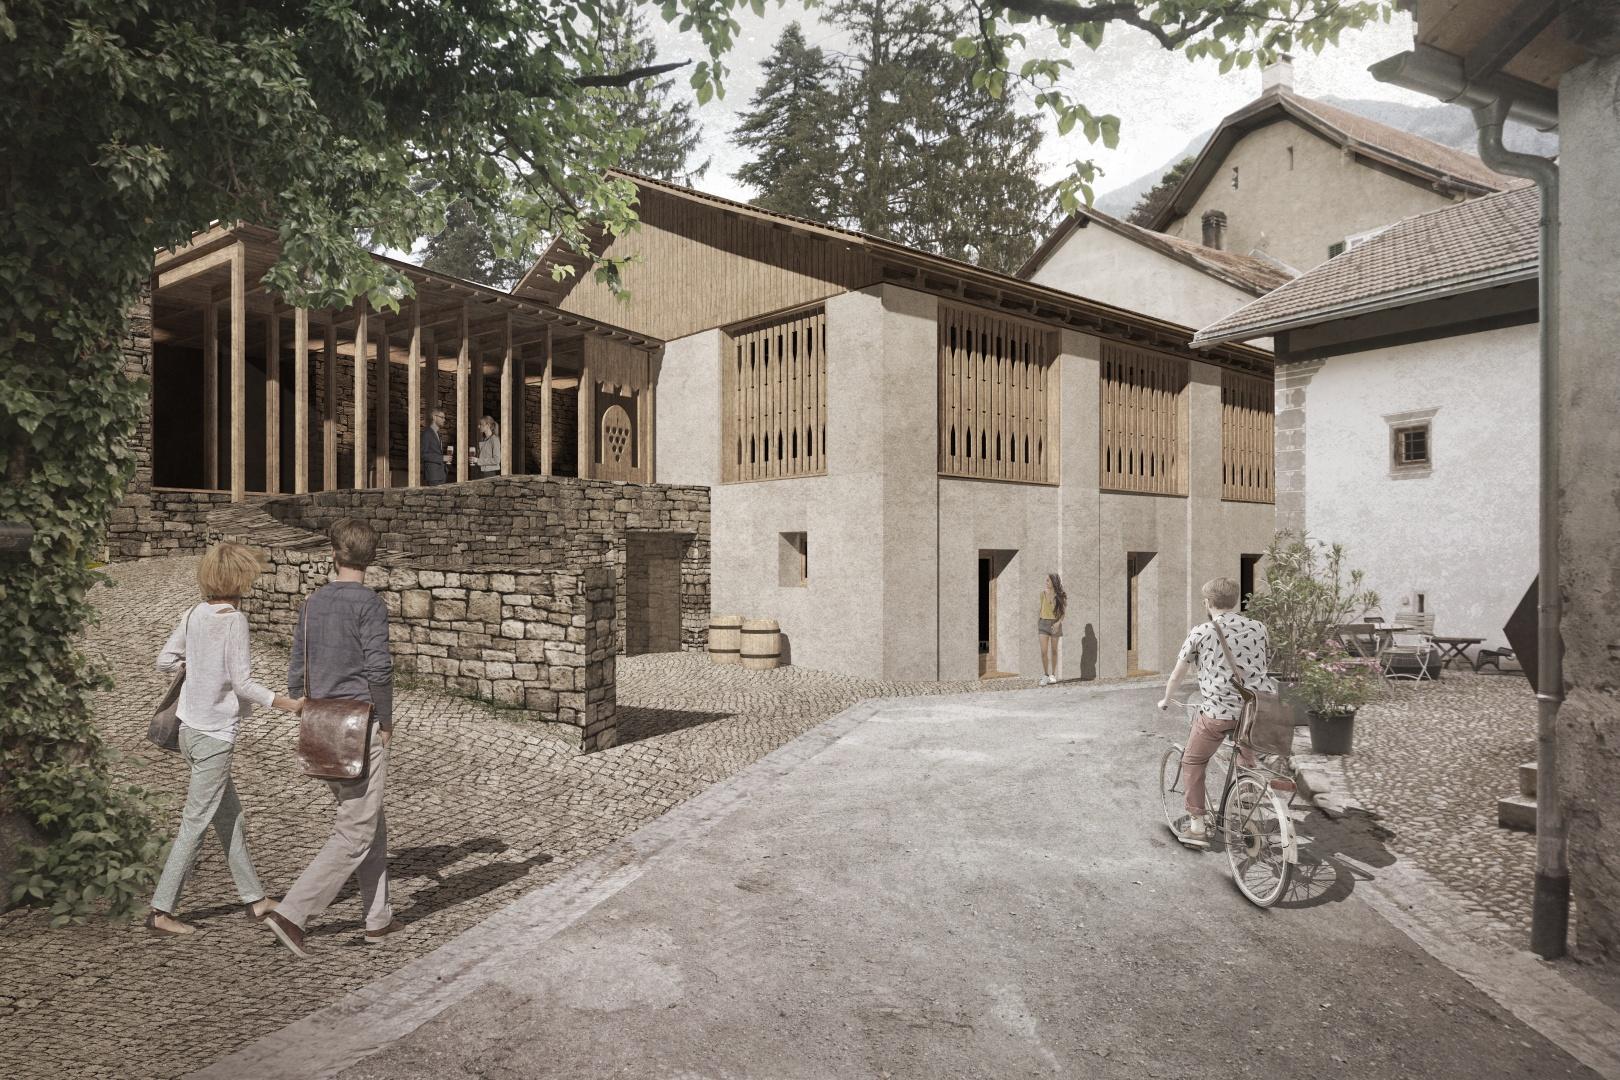 Visualisierung Schlossgasse © Larissa Giuanna Cavegn